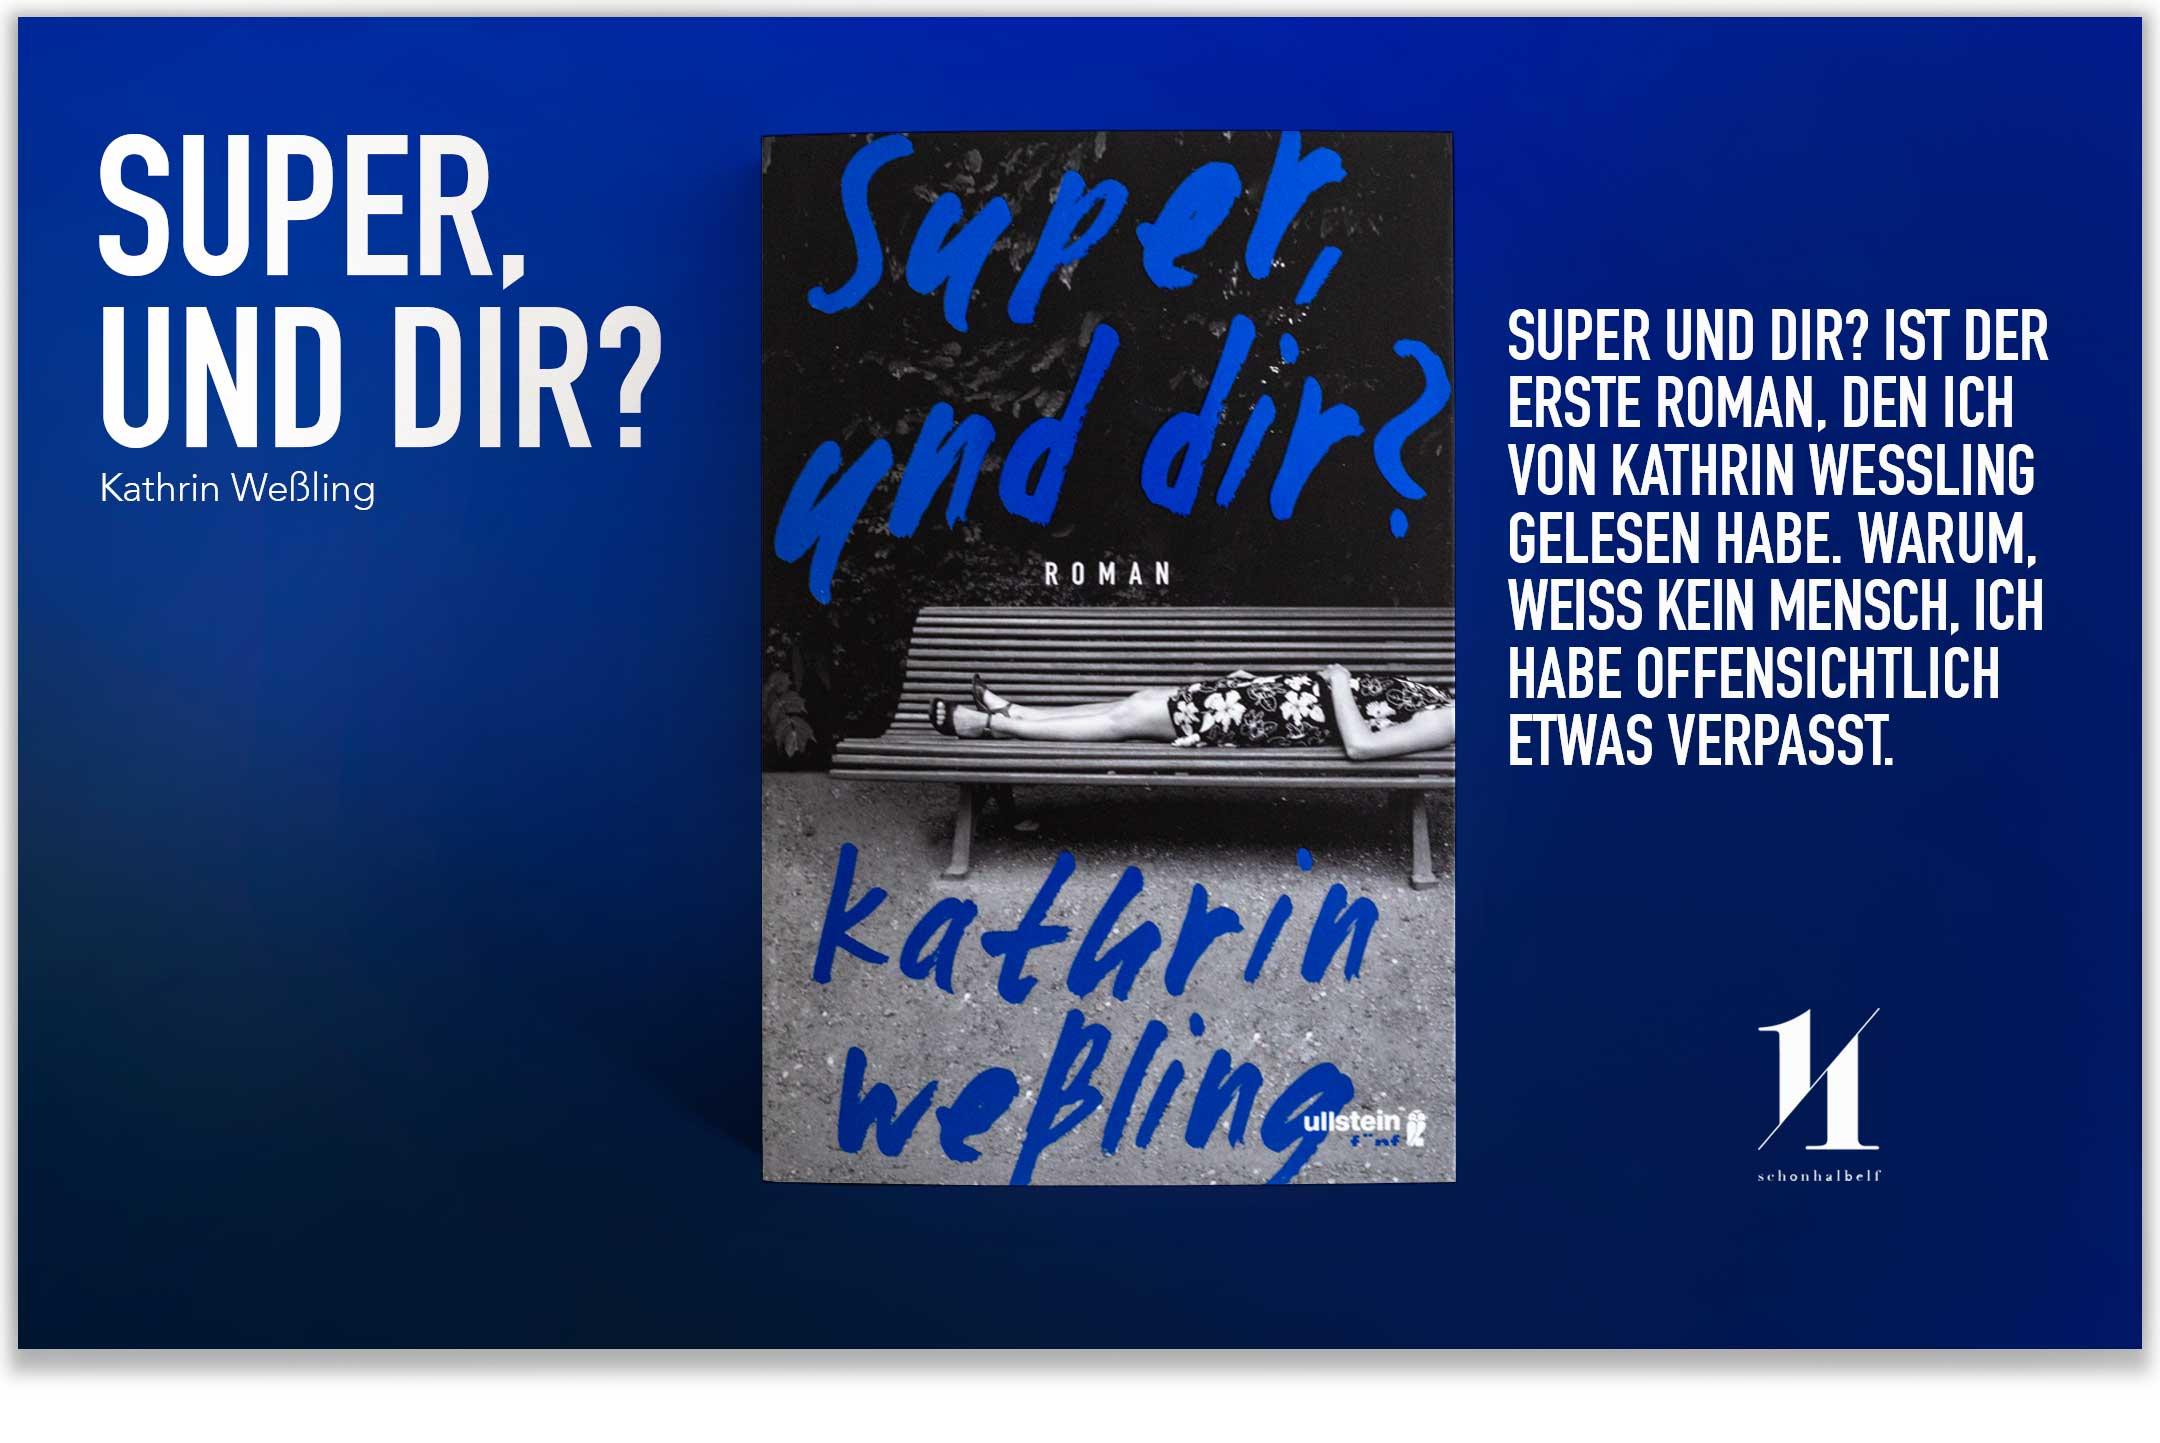 super-und-dir-kathrin-weßling-schonhalbelf